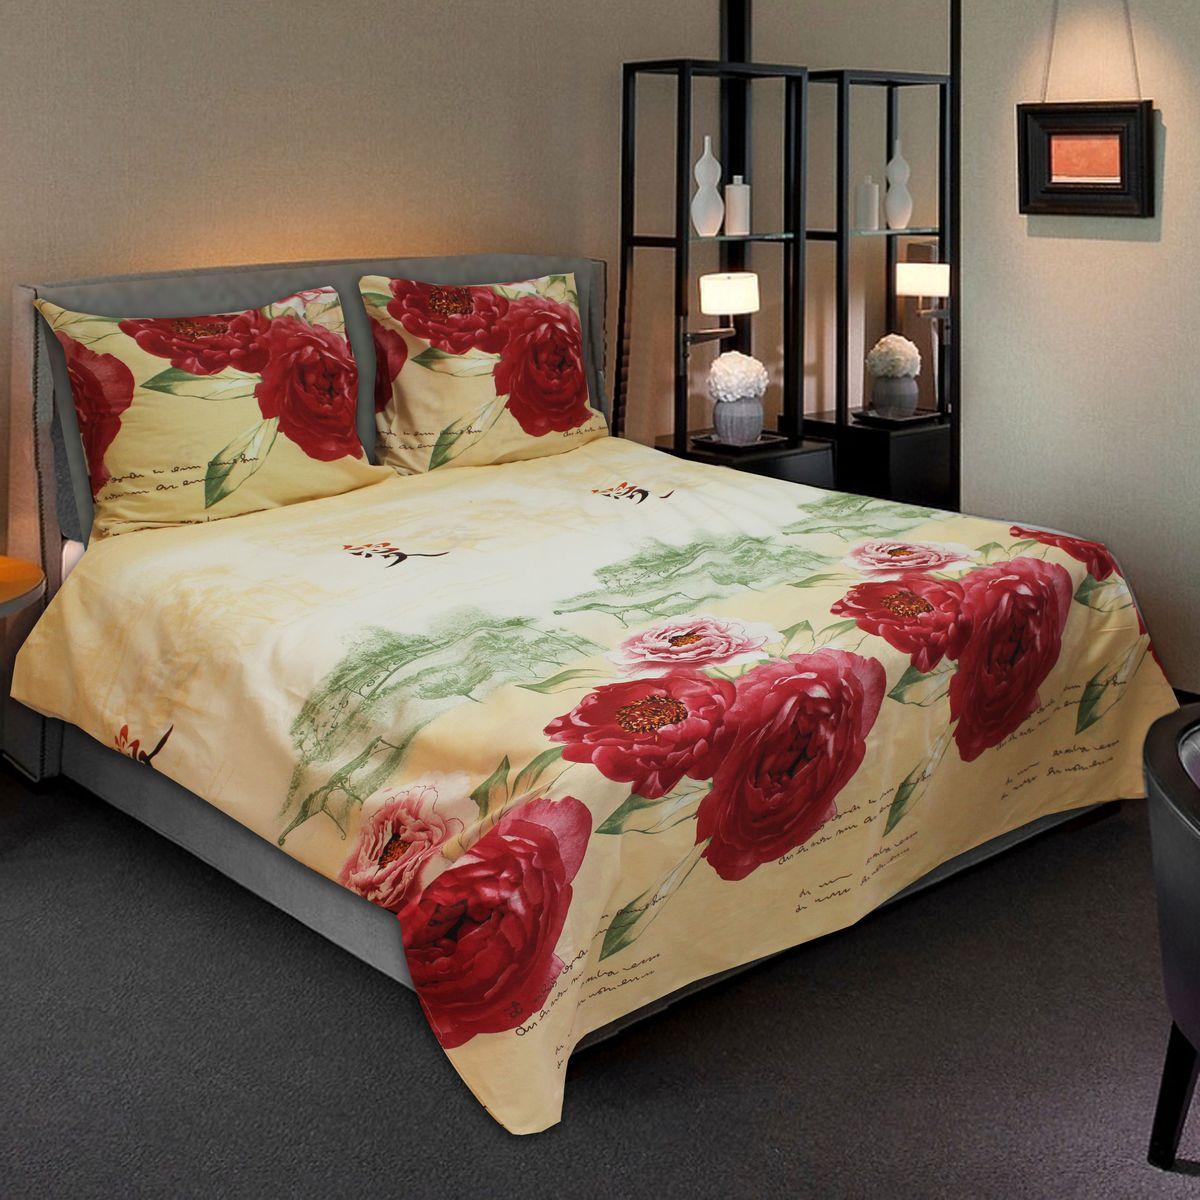 Комплект белья Amore Mio Mademoiselle, 2-спальный, наволочки 70х7077718Постельное белье из бязи практично и долговечно, а самое главное - это 100% хлопок! Материал великолепно отводит влагу, отлично пропускает воздух, не капризен в уходе, легко стирается и гладится. Новая коллекция Naturel 3-D дизайнов позволит выбрать постельное белье на любой вкус!